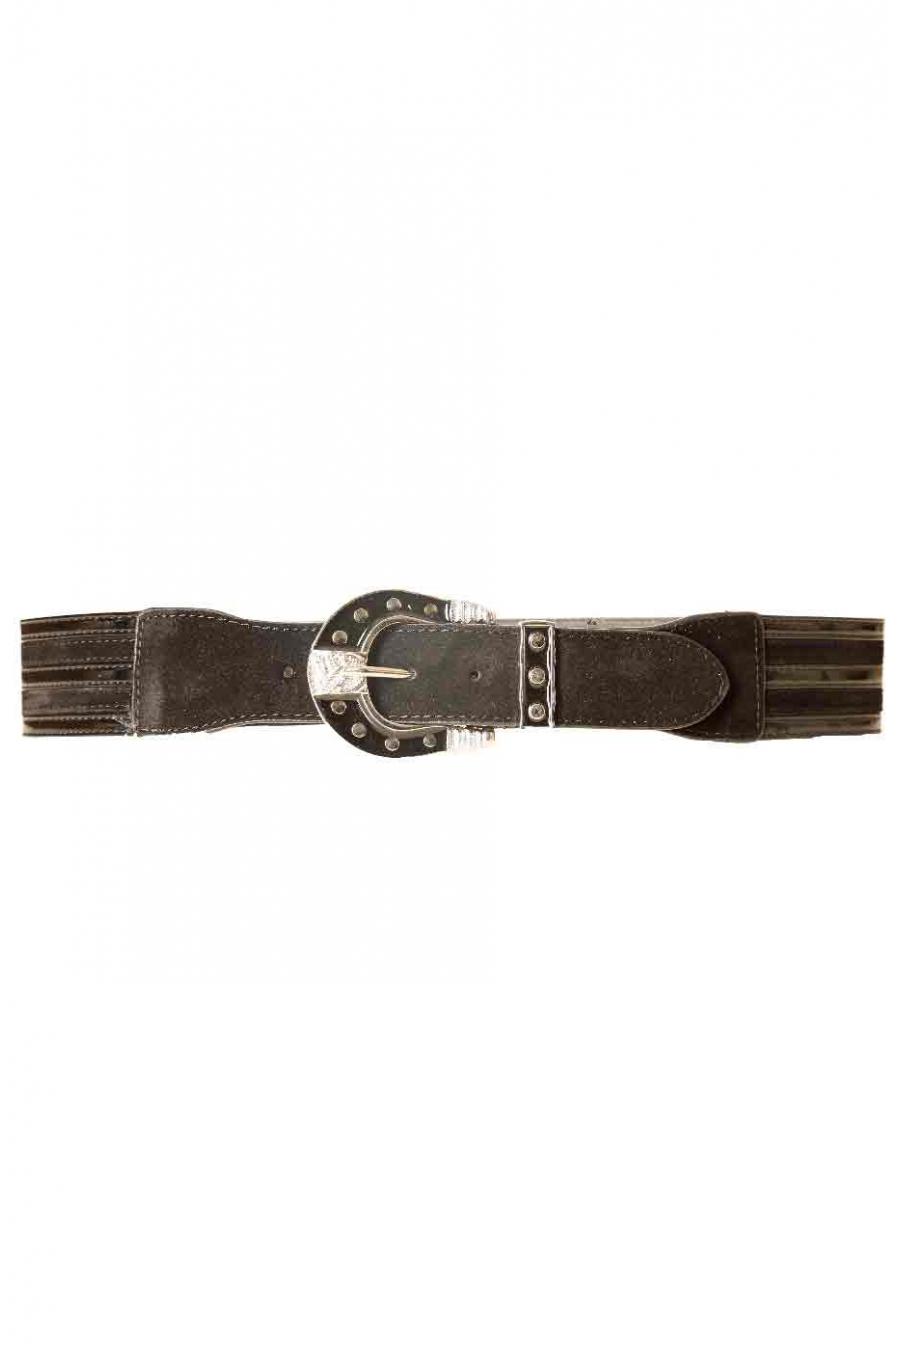 Brede zwarte riem met zwarte siergesp BG-0088